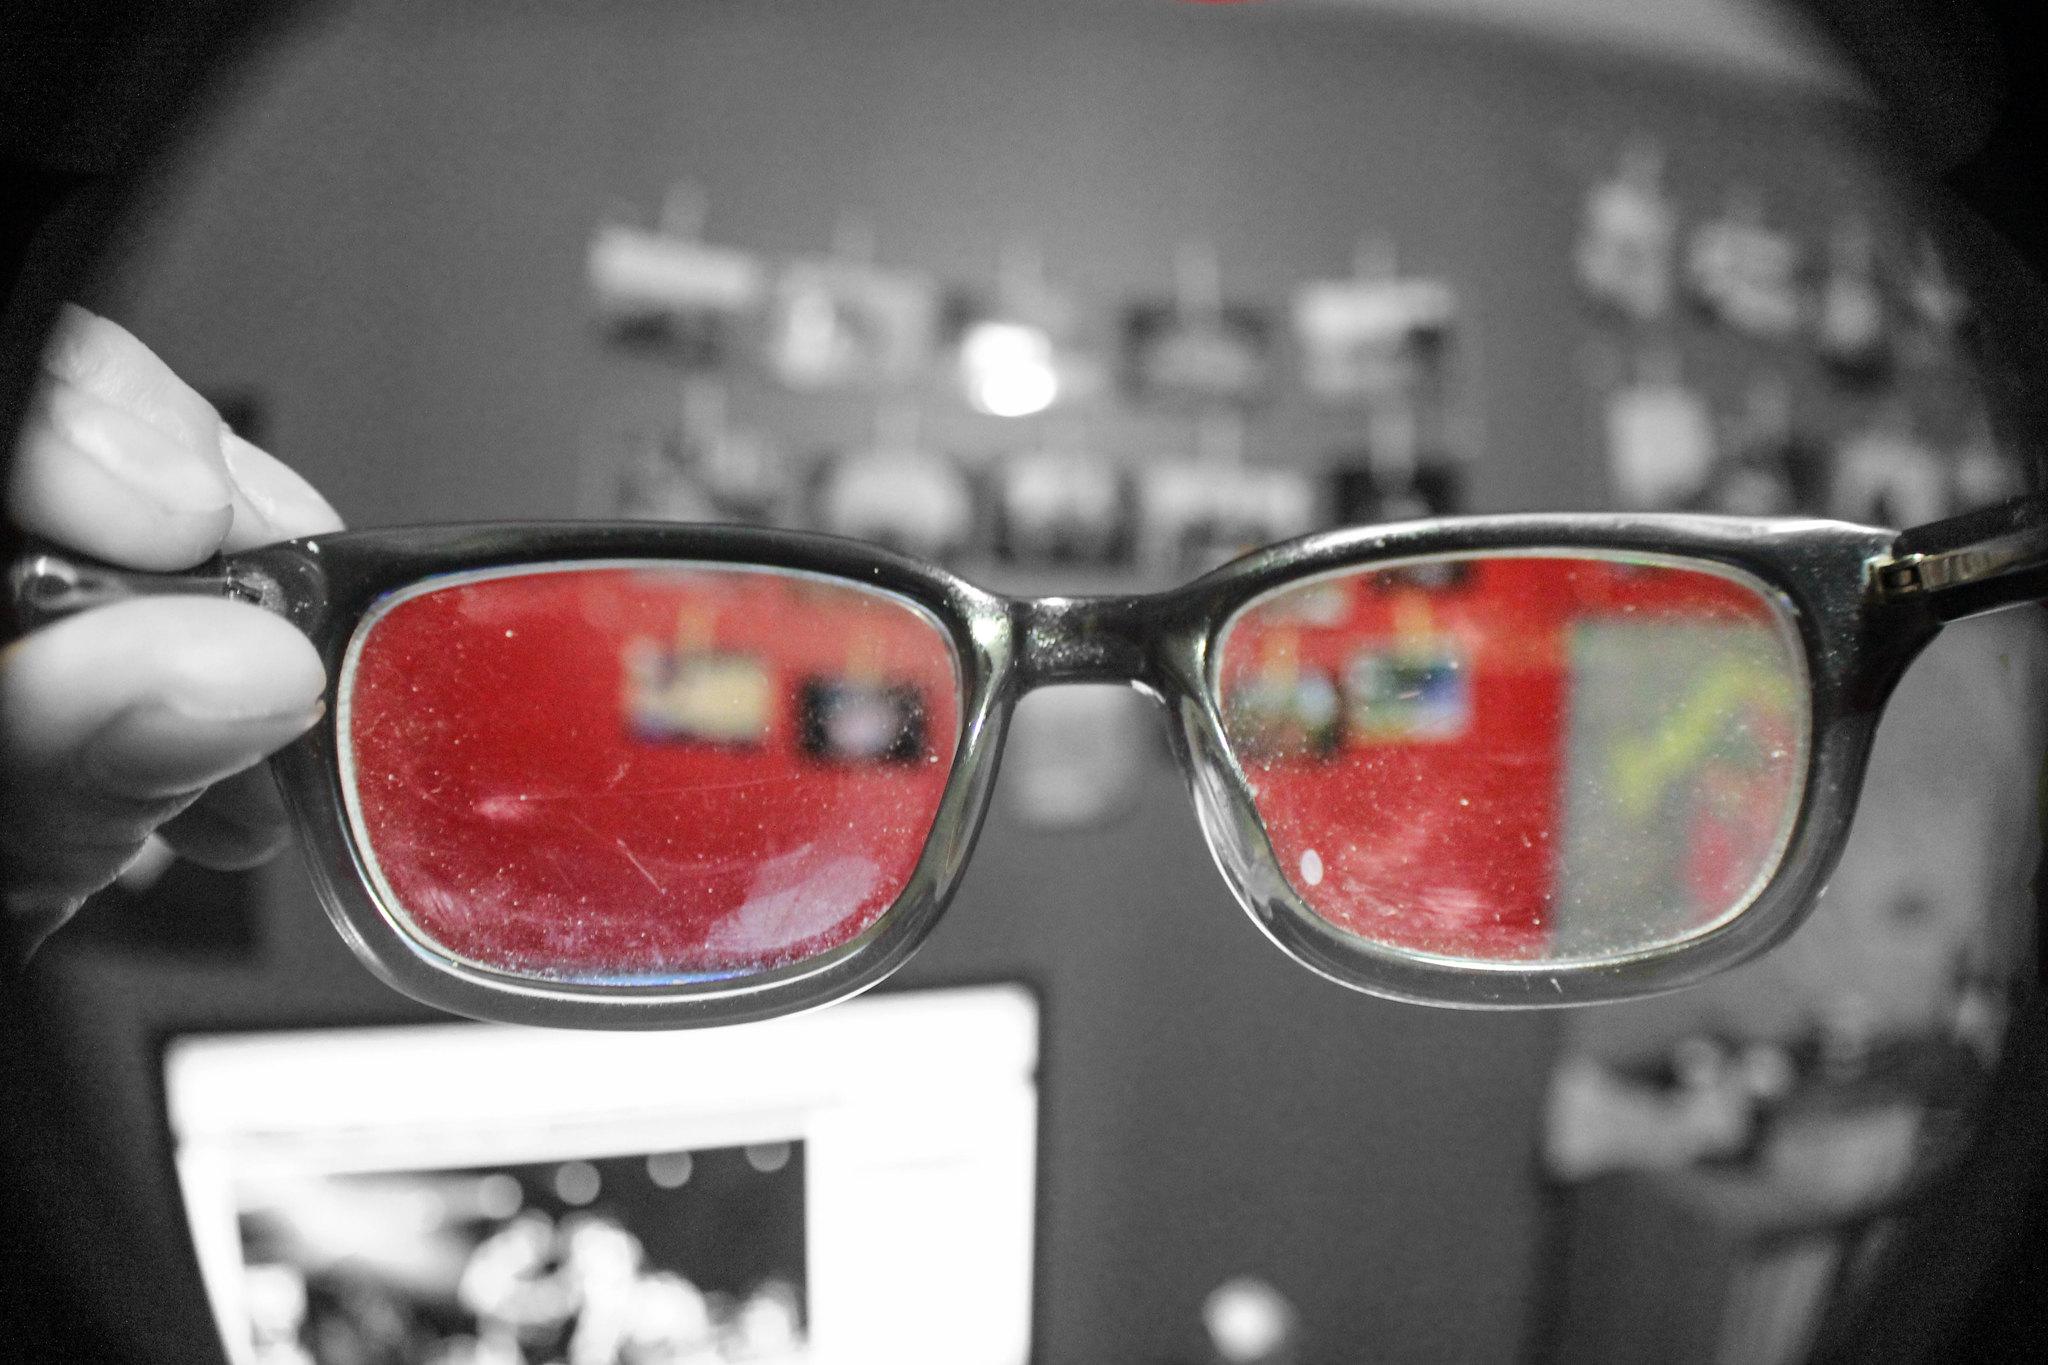 换副眼镜看世界